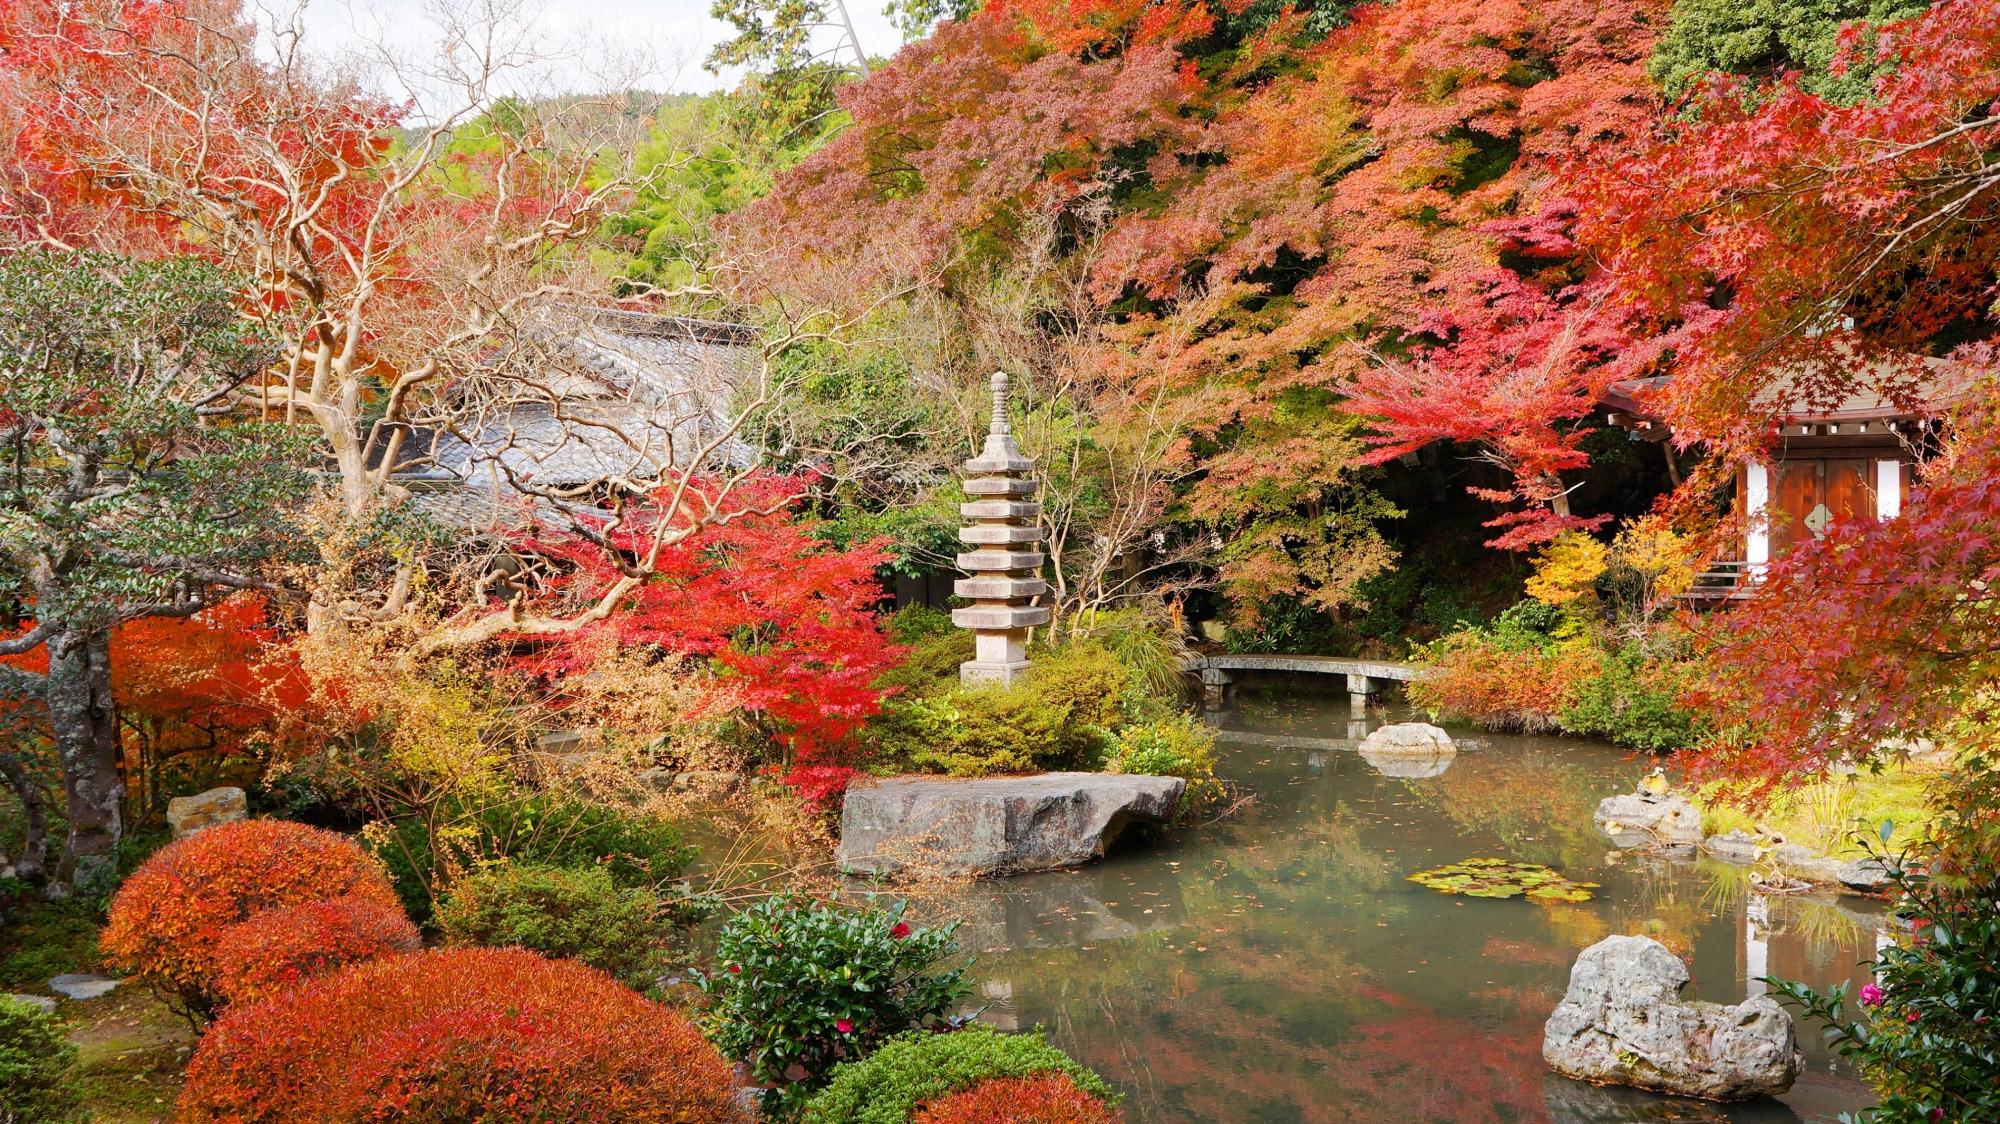 毘沙門堂の見事な秋色の競演